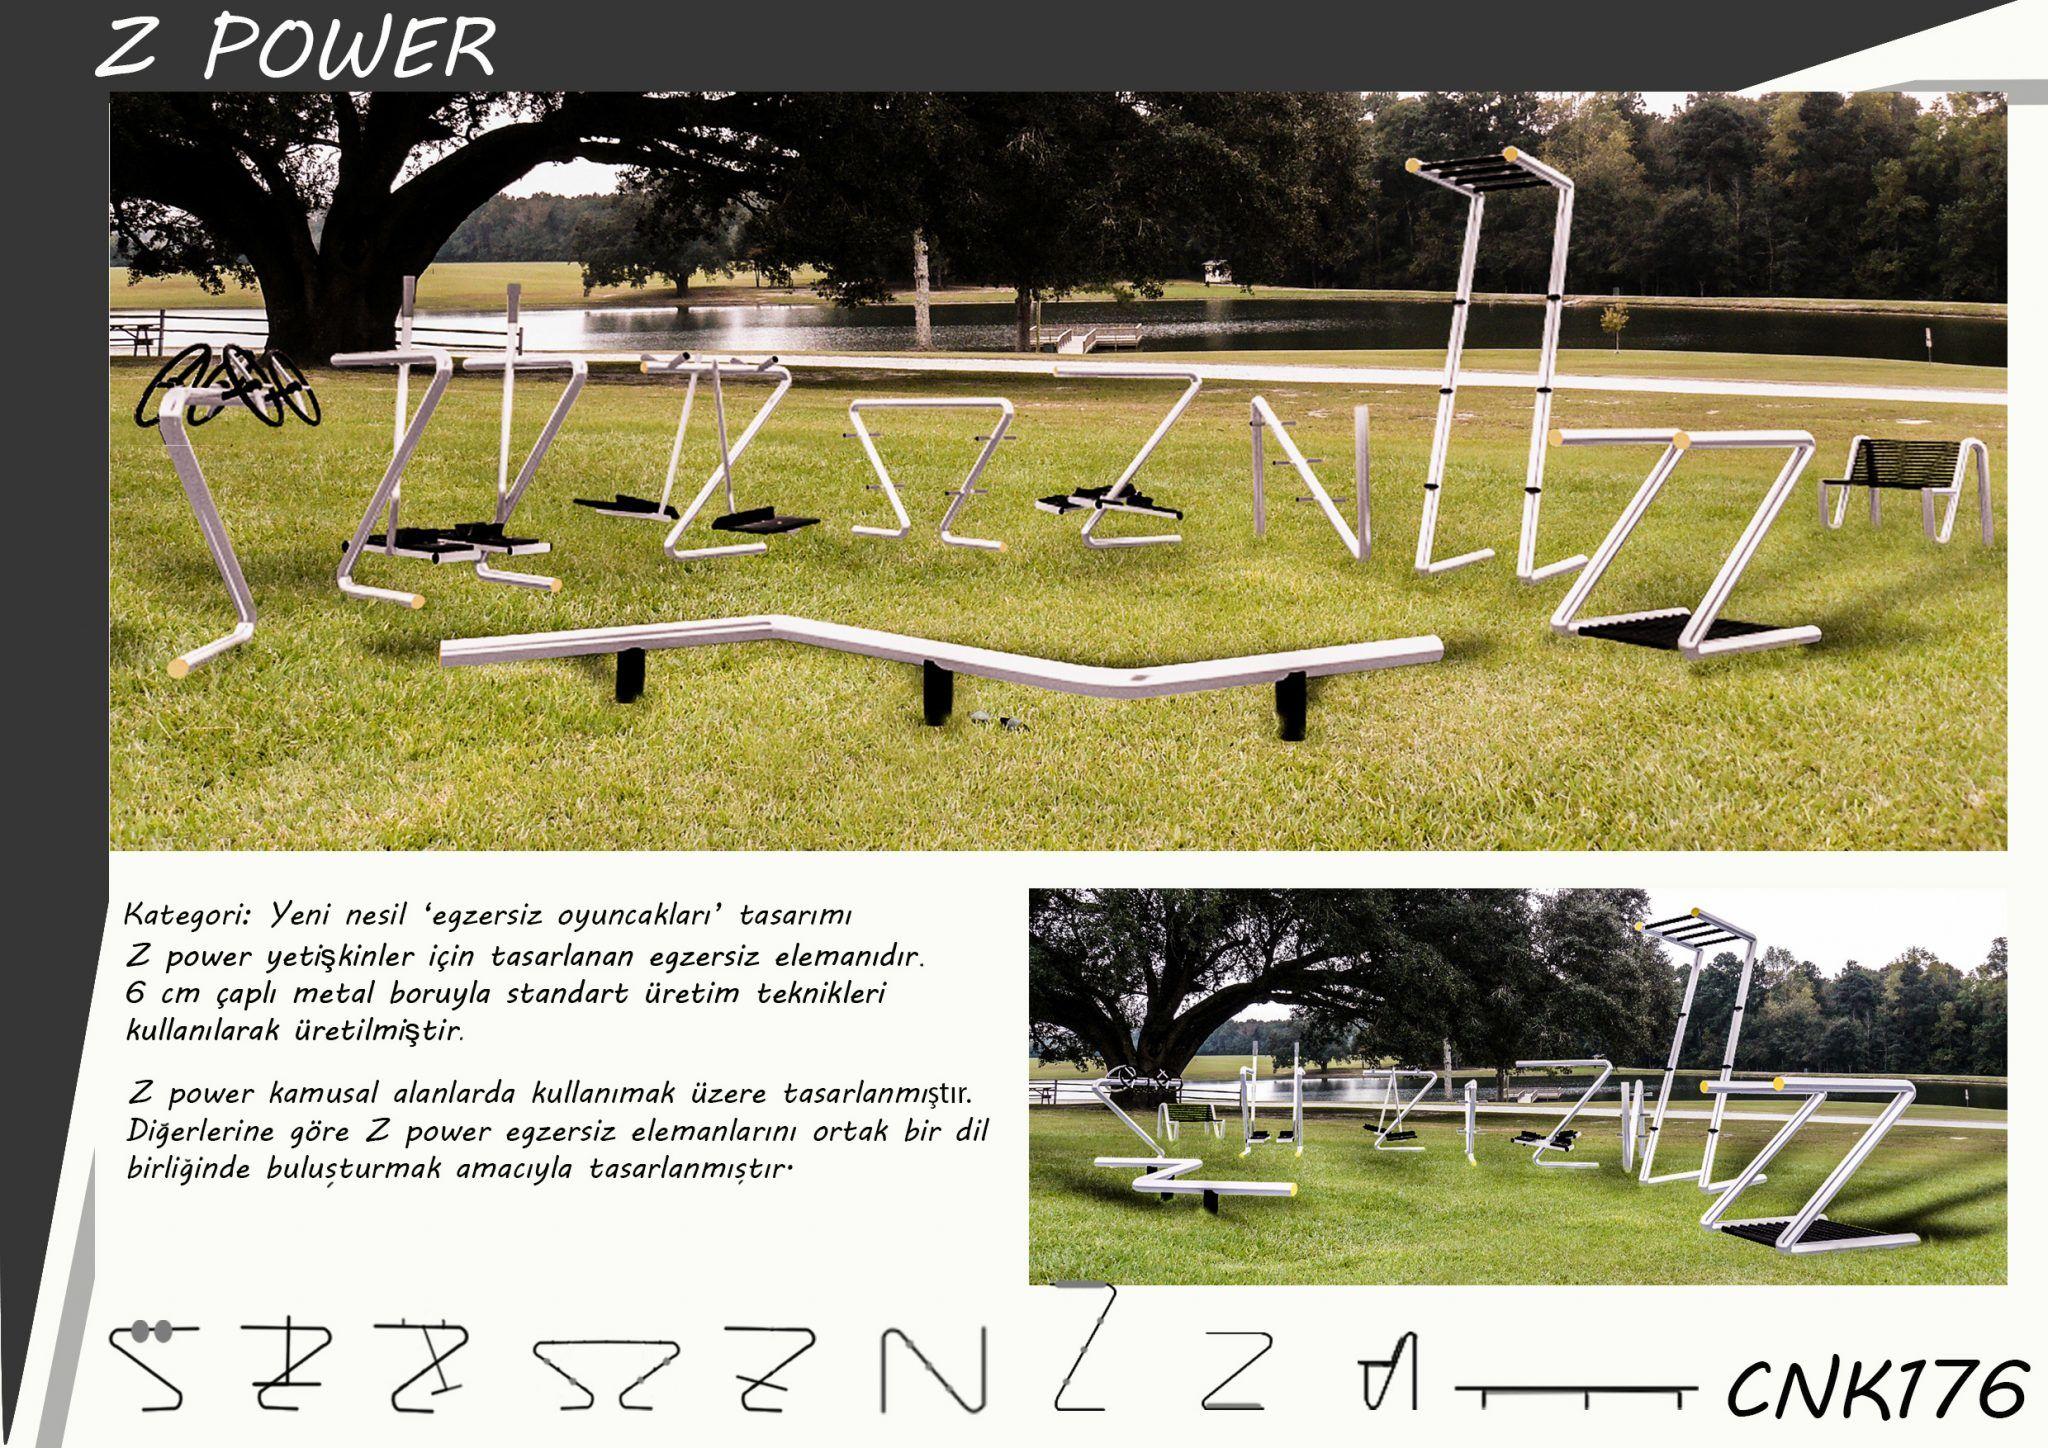 Cemer Ulusal Tasarım Yarışması – Yeni Nesil Oyuncaklar Kategori: Egzersiz Oyuncakları Kategorisi Derece: Mansiyon Ödülü Proje Adı: Z Power Yarışmacı Ekip: Nazım Dağdeviren, Emel Topuz, Ebru Koçak, İlknur Şengören